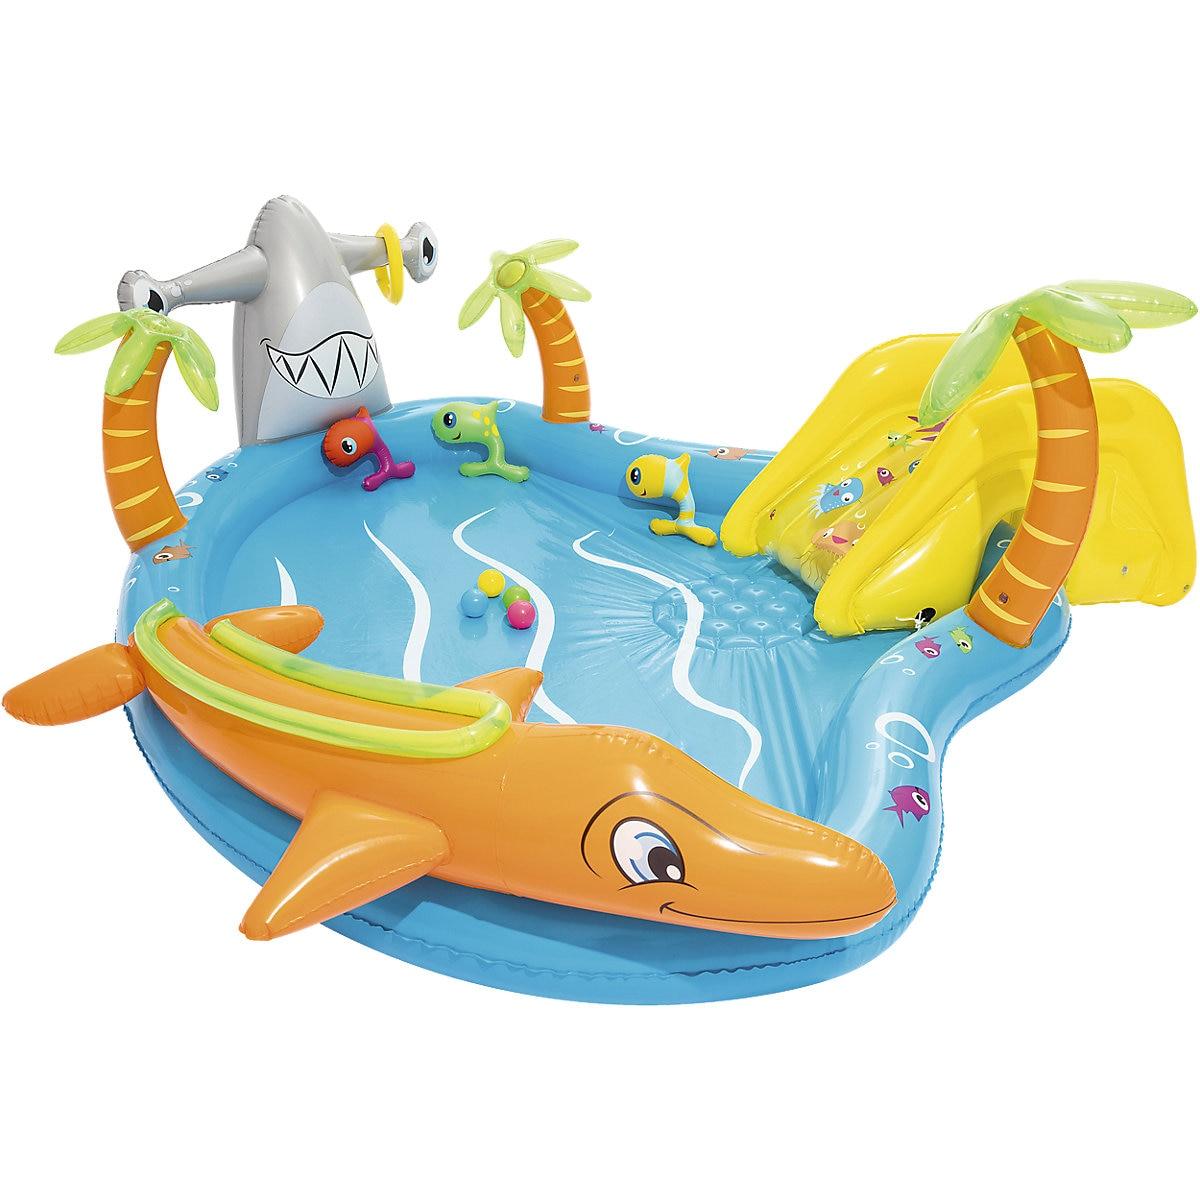 BESTWAY piscine 7196287 piscines gonflables accessoires activité & équipement baignoire enfants bébé pour enfants